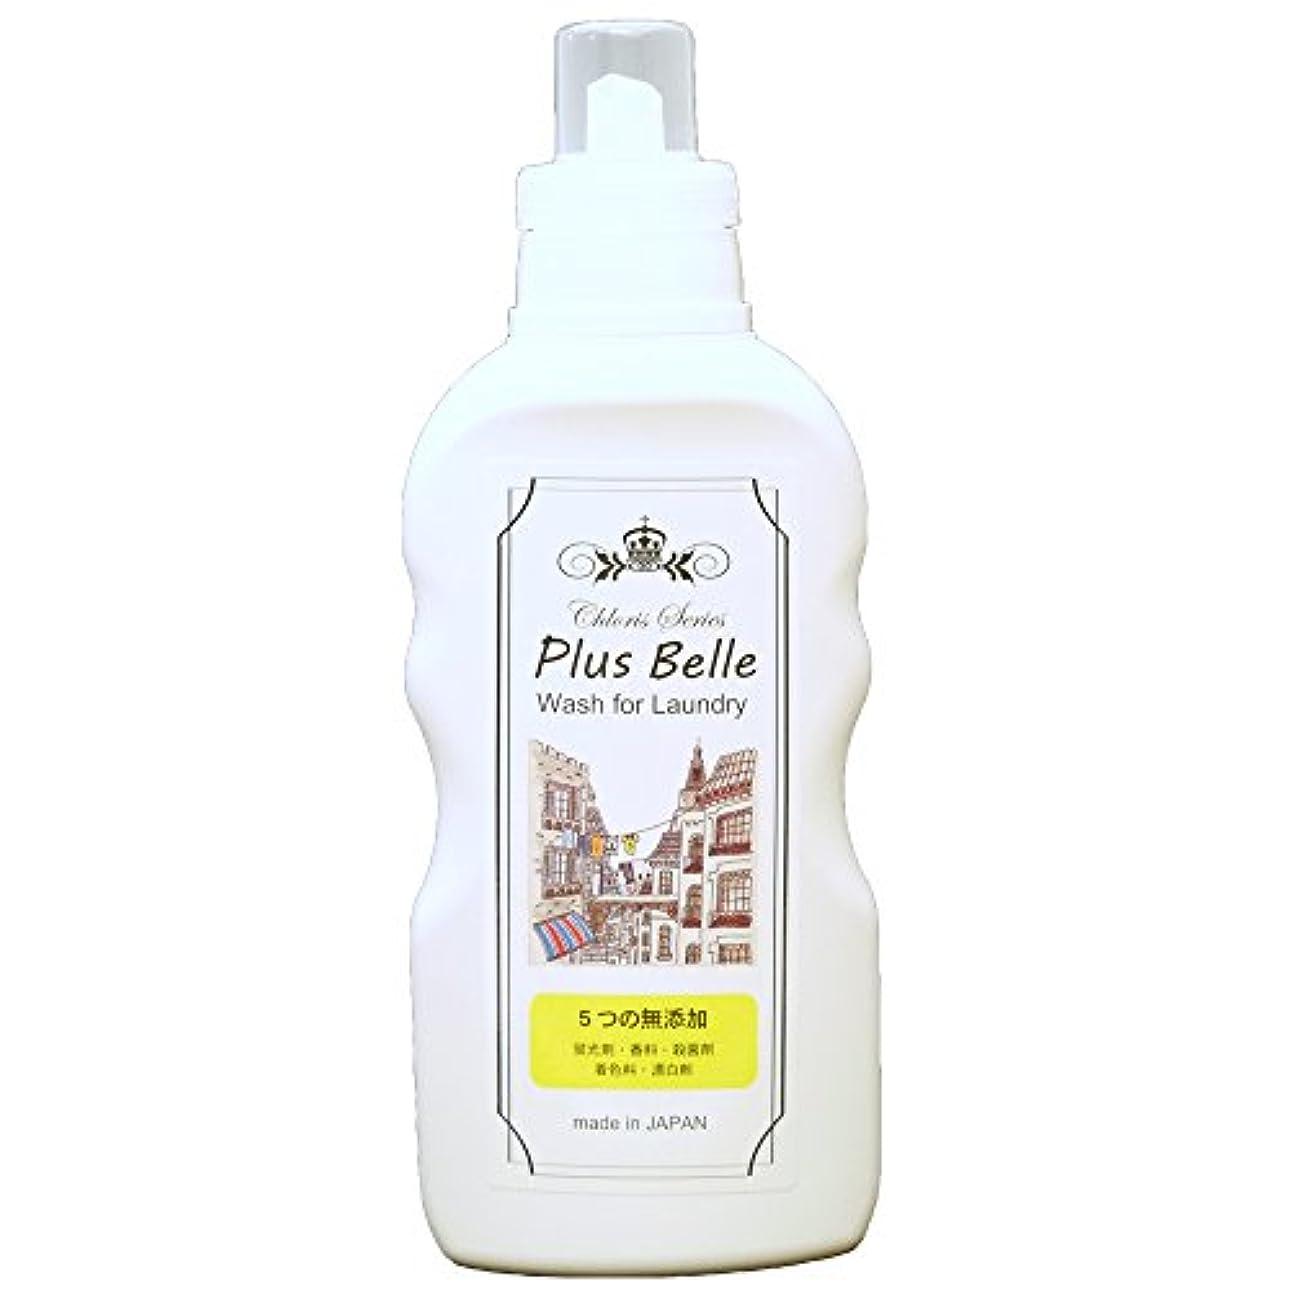 心臓敬意を表して好きである無添加にこだわった洗濯洗剤 Plus Belle 500g プルベル 無蛍光/無香料/無着色剤/無殺菌剤/無漂白剤 液体洗剤